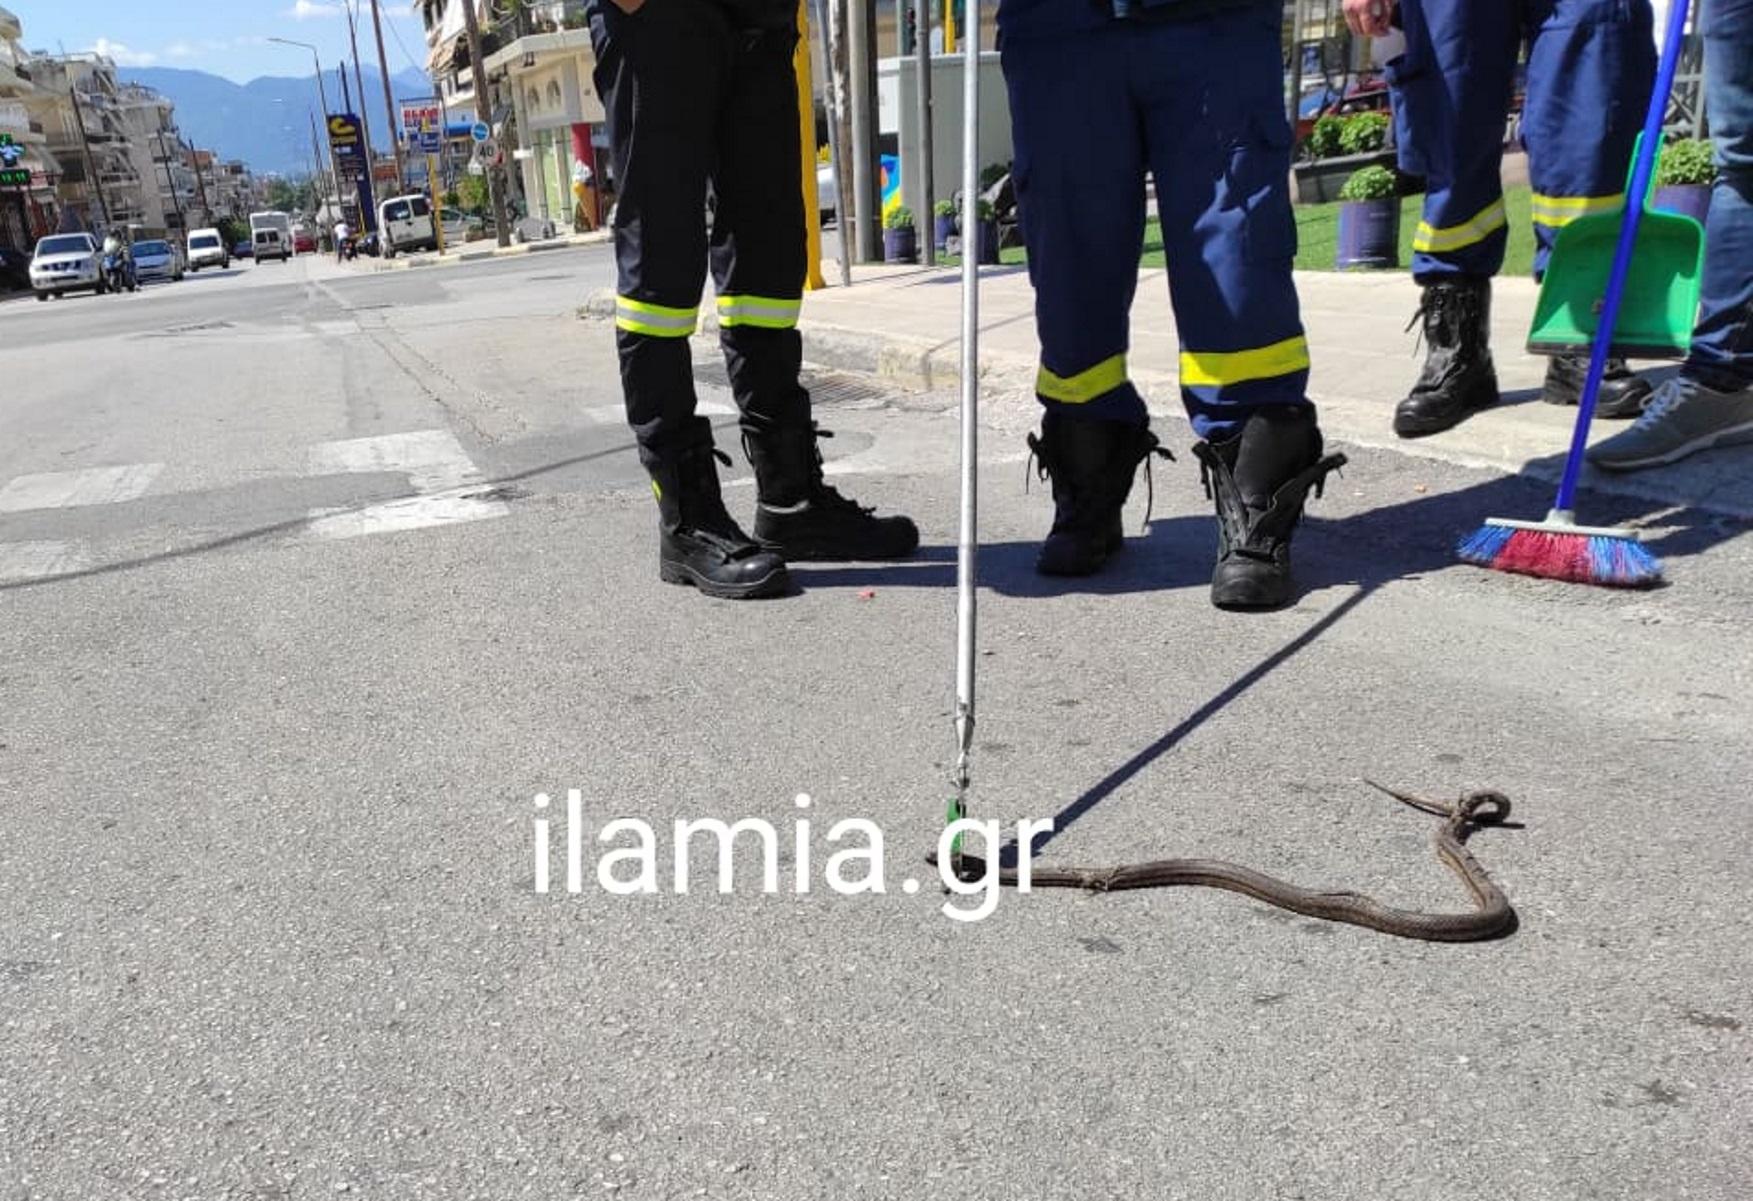 Λαμία: Φίδι αναστάτωσε θαμώνες καφετέριας και οδηγούς (pics)